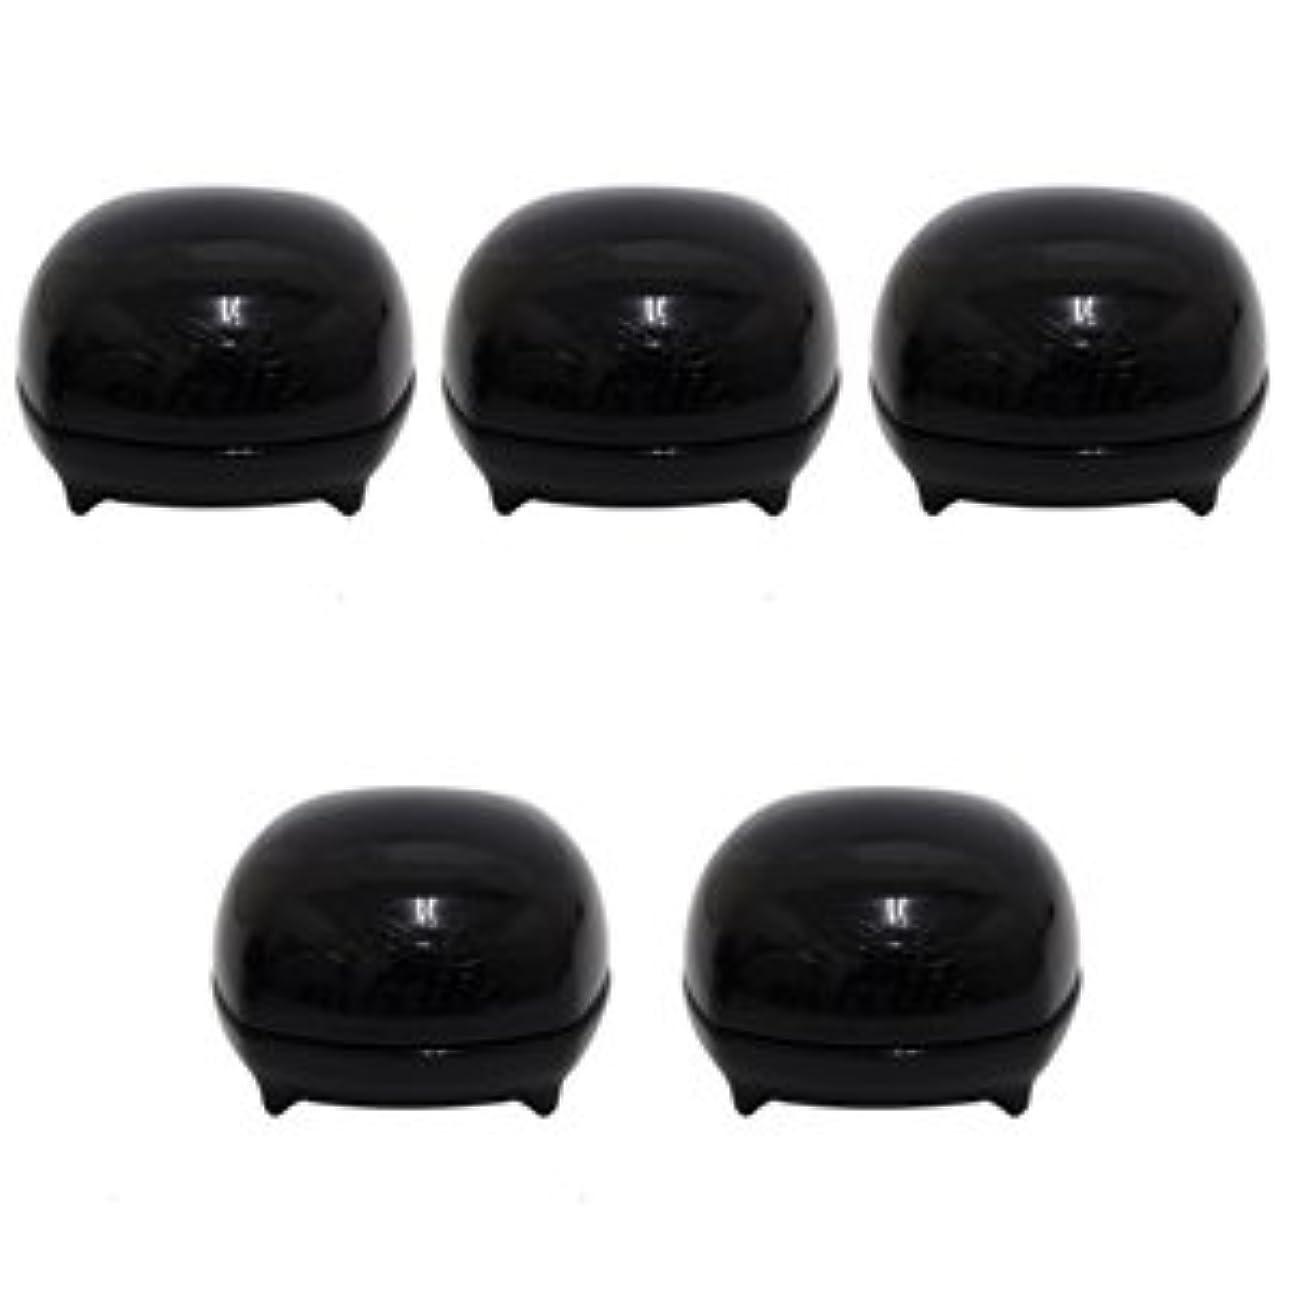 旅行者古い型【X5個セット】 ミルボン ニゼル グラスプワックス 30g (ニゼルドレシアコレクション) GRASP WAX MILBON